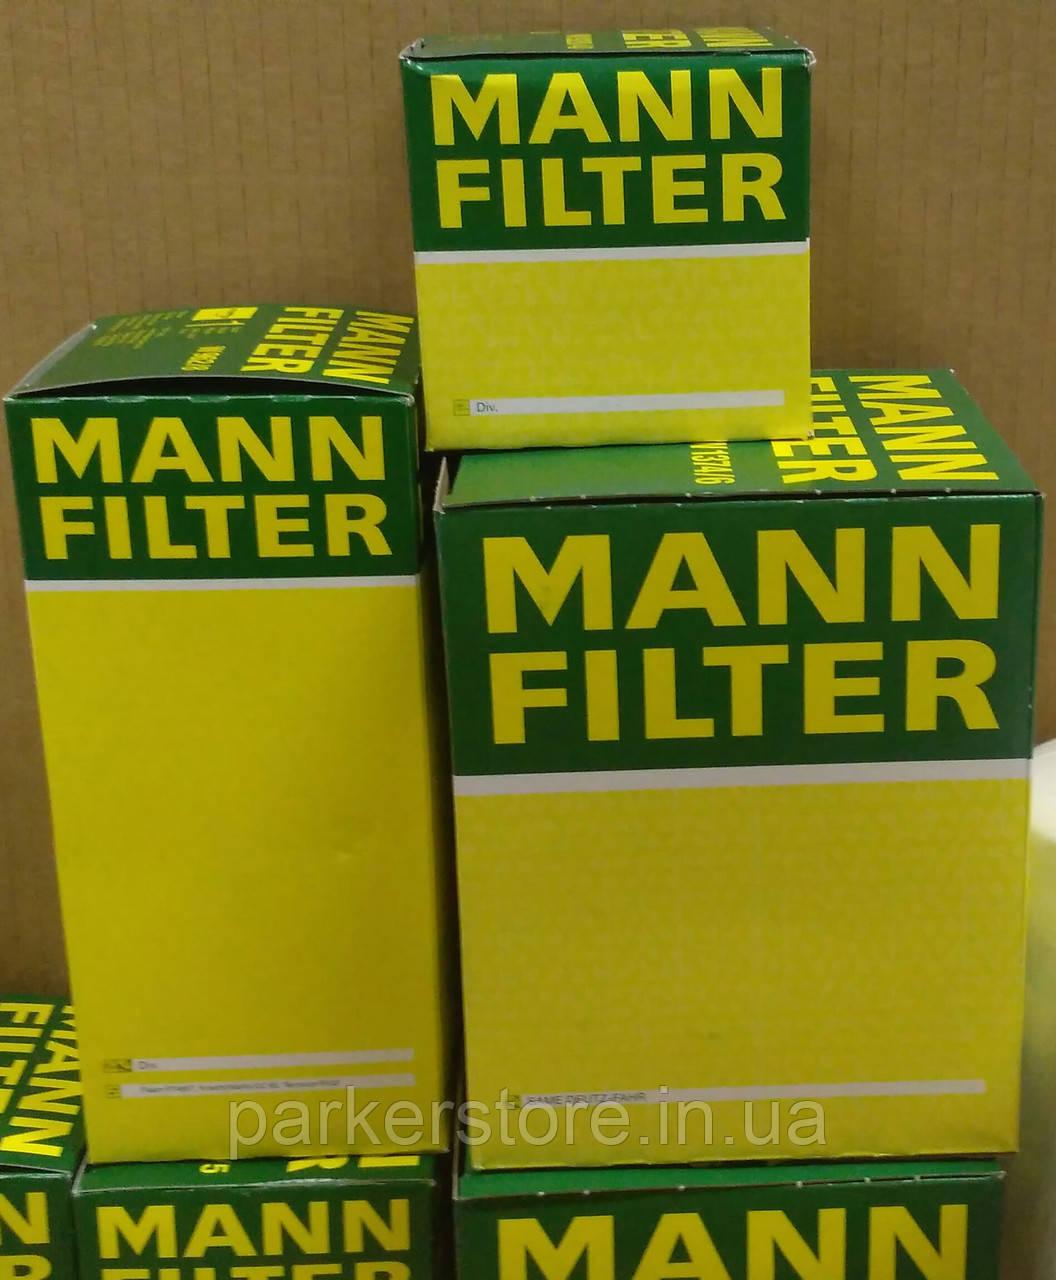 MANN FILTER / Воздушный фильтр / C 23 500 / C23500